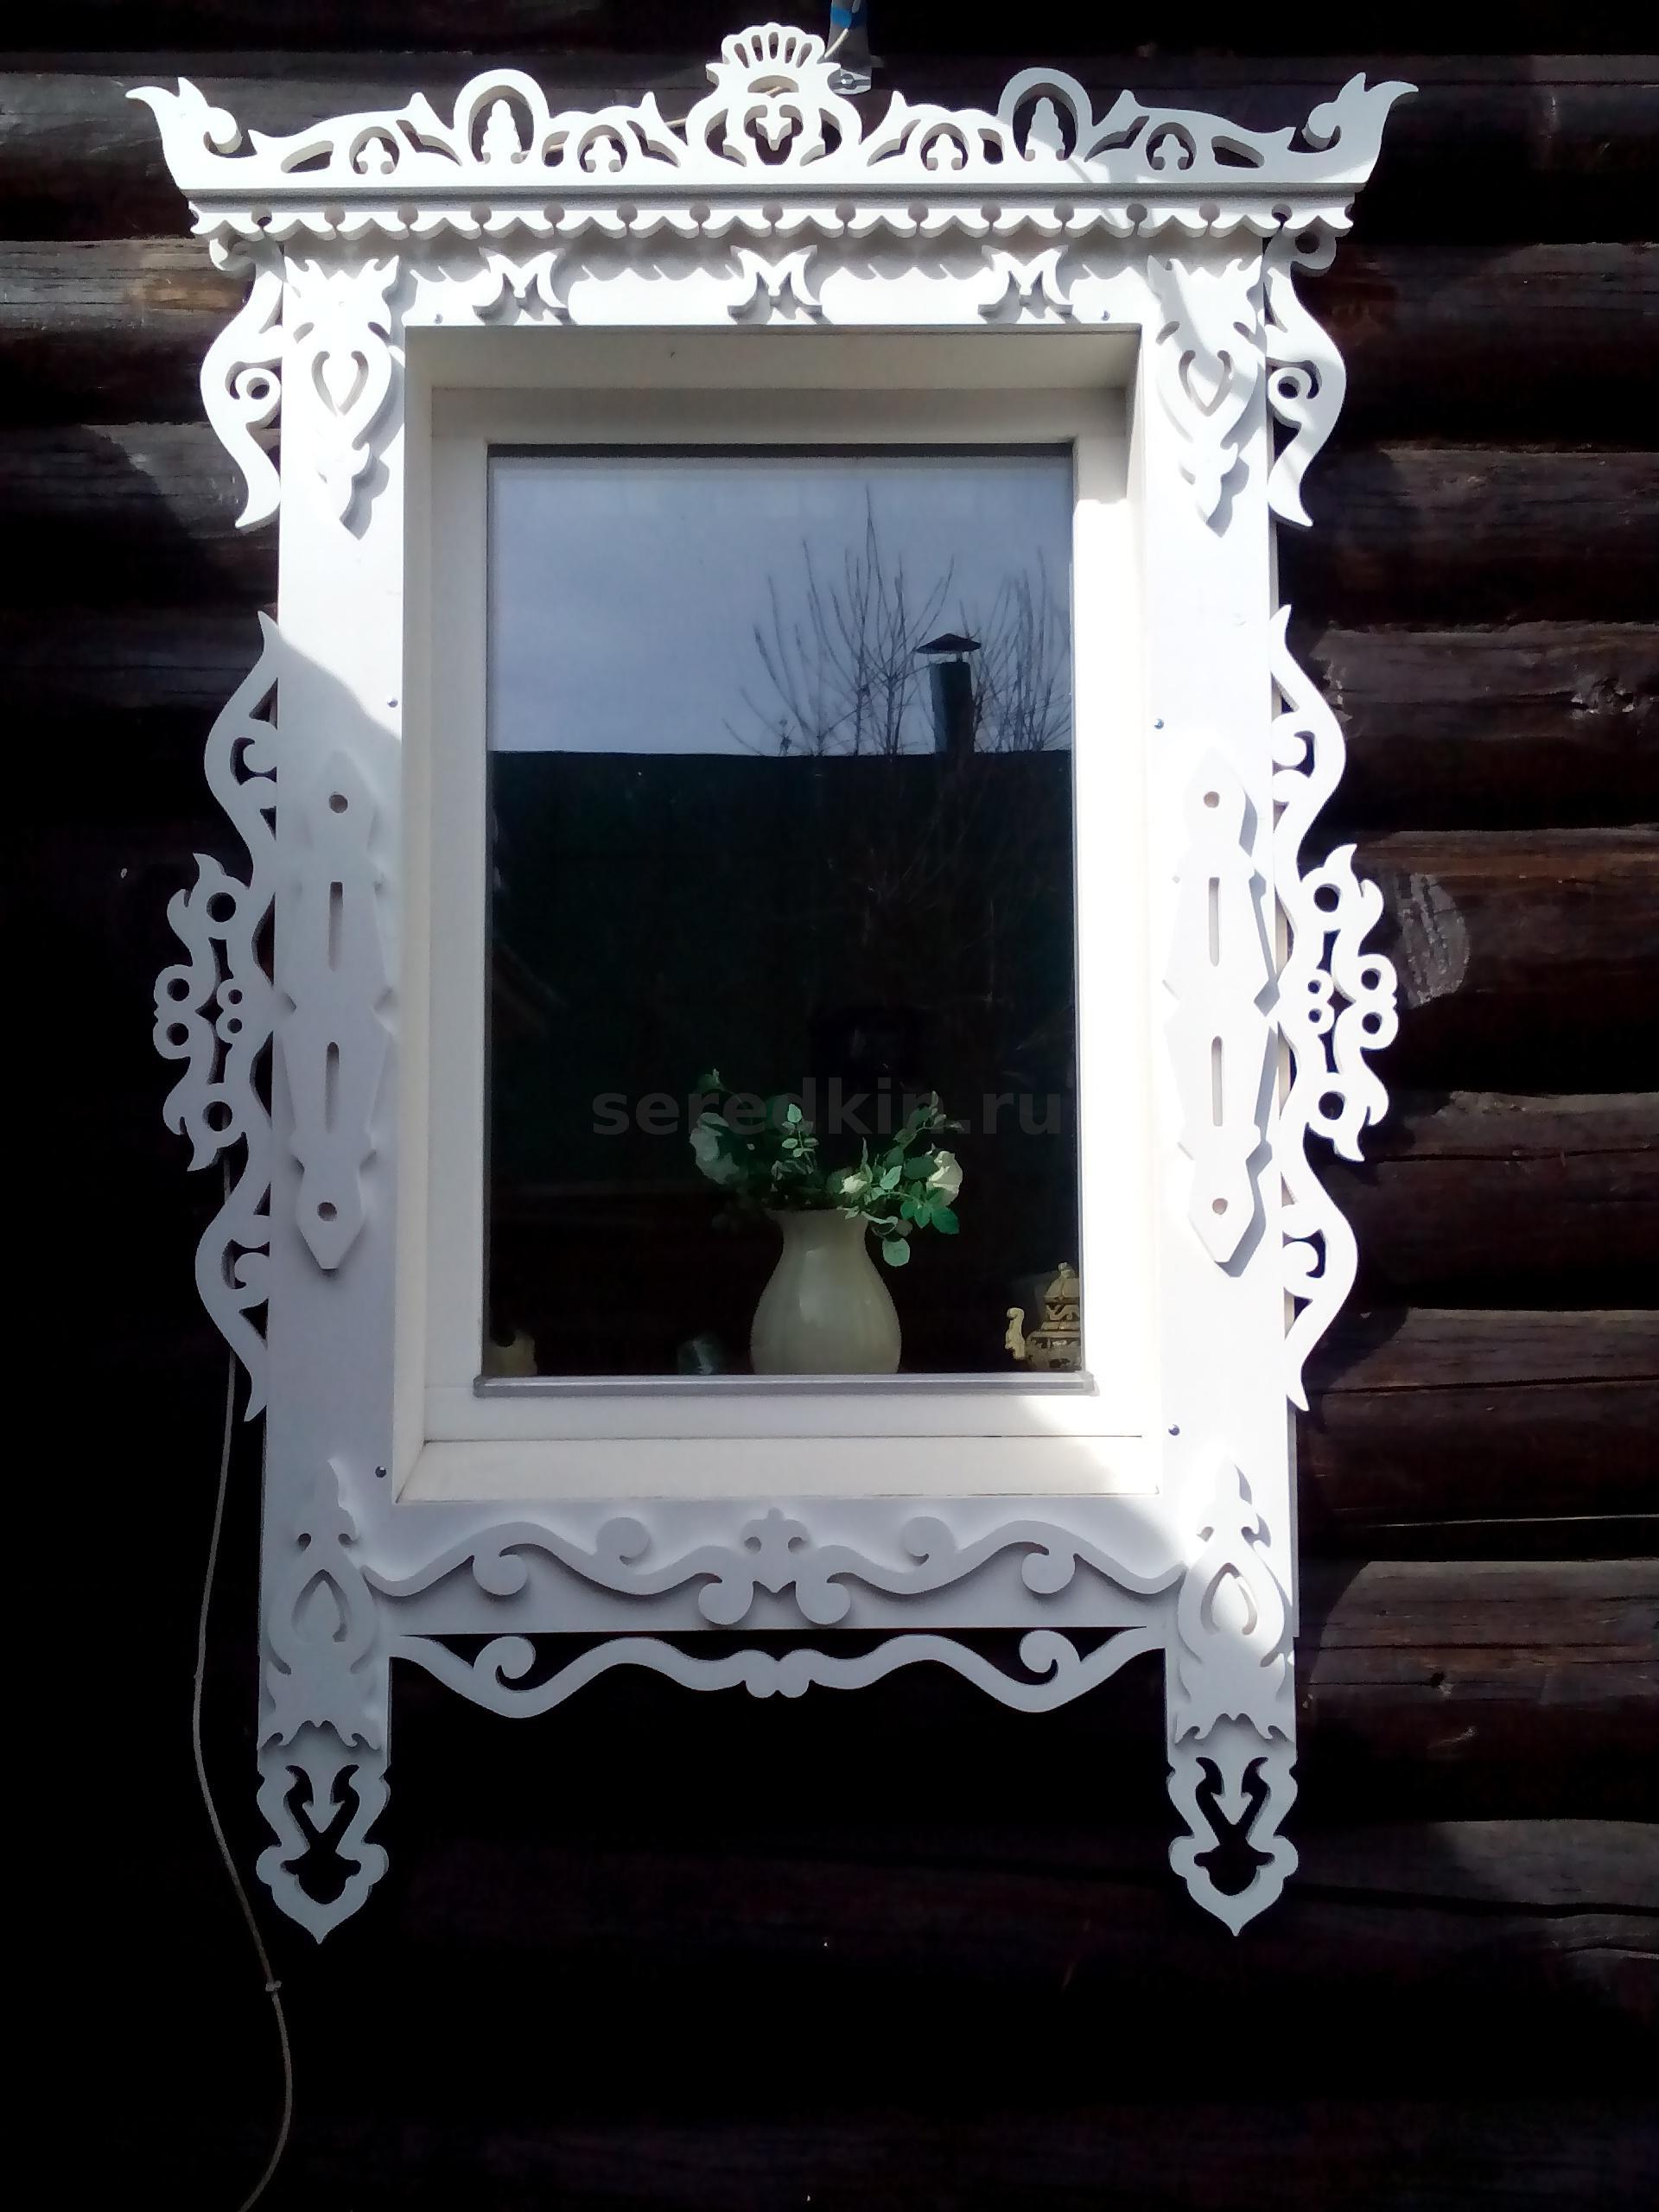 Резные наличники на окна фотографии мелкоячеистая